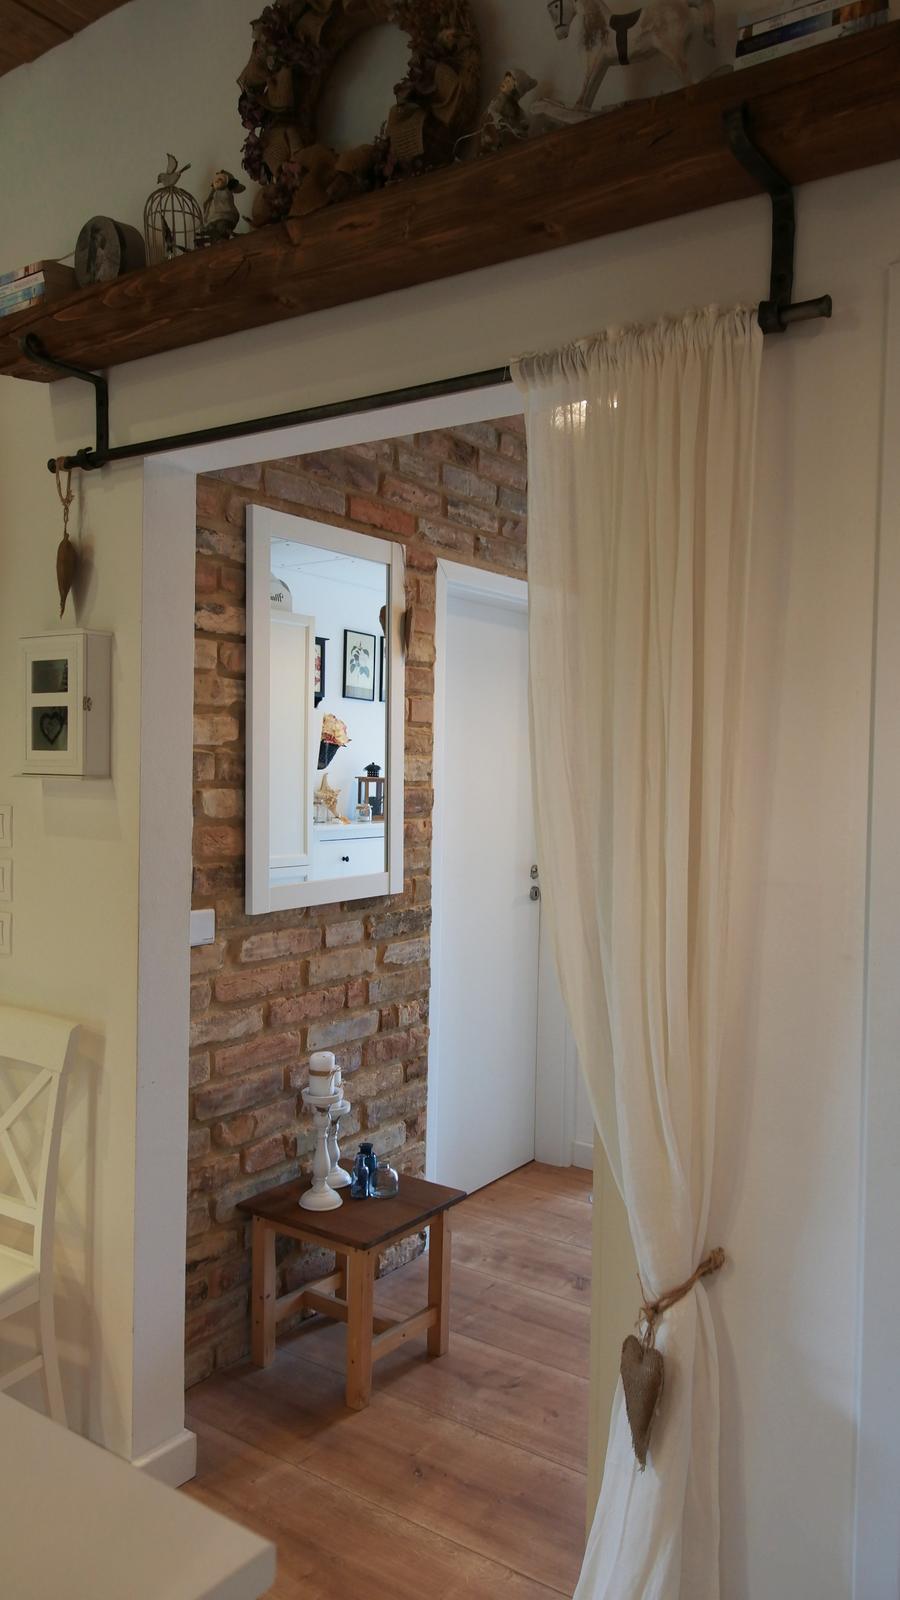 Náš domček ♡ Bramasole ♡ ... Stilo interiér aj exteriér 3. rok bývania - Obrázok č. 49